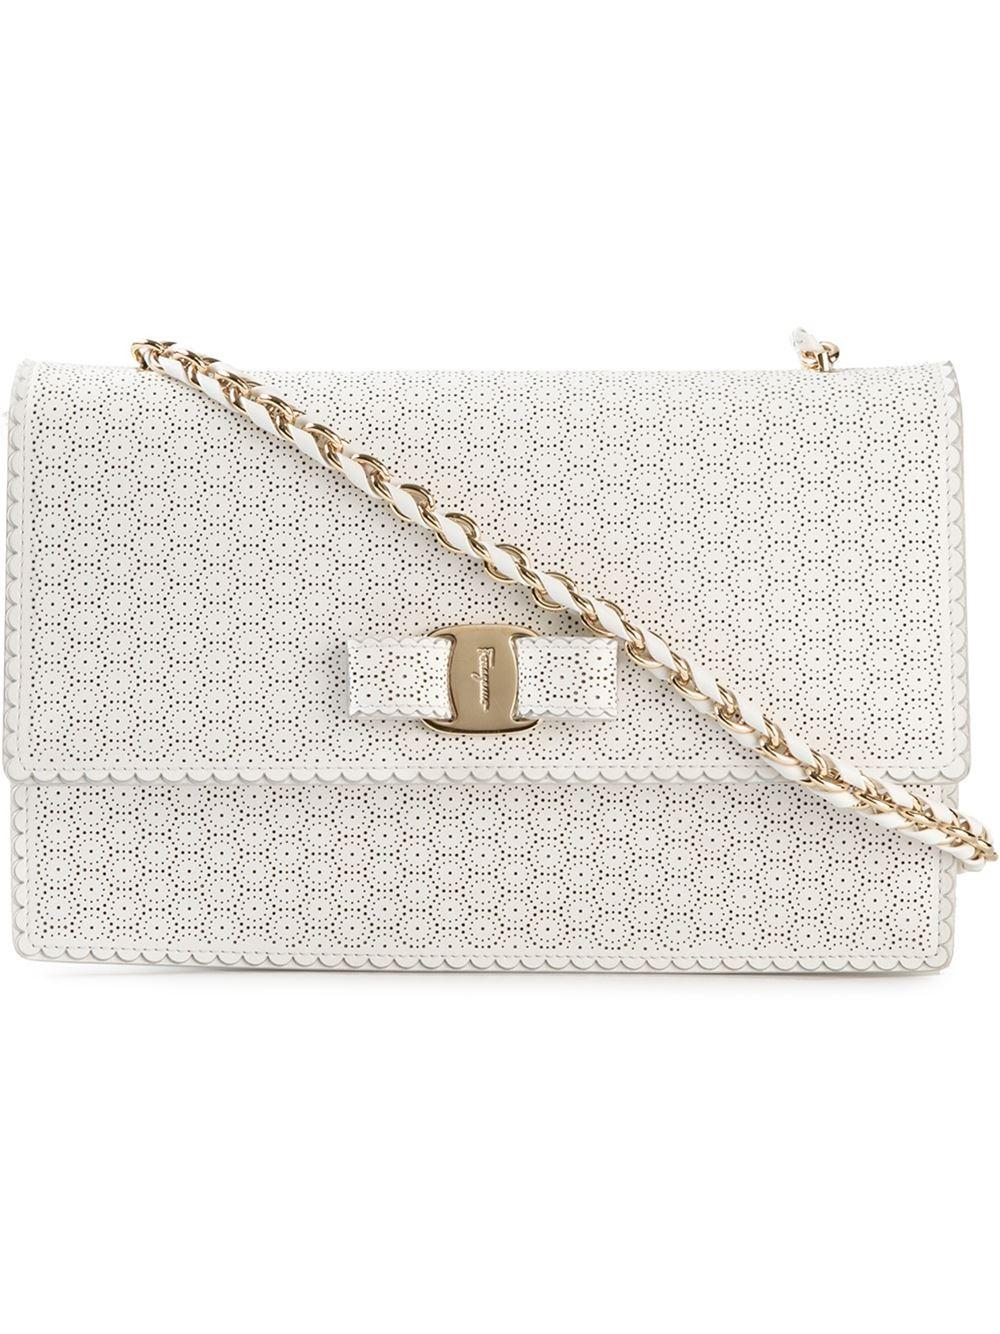 ... release date 5b50c cf540 Lyst - Ferragamo Ginny Calf-leather Cross-body  Bag in ... 5fa8fdd267